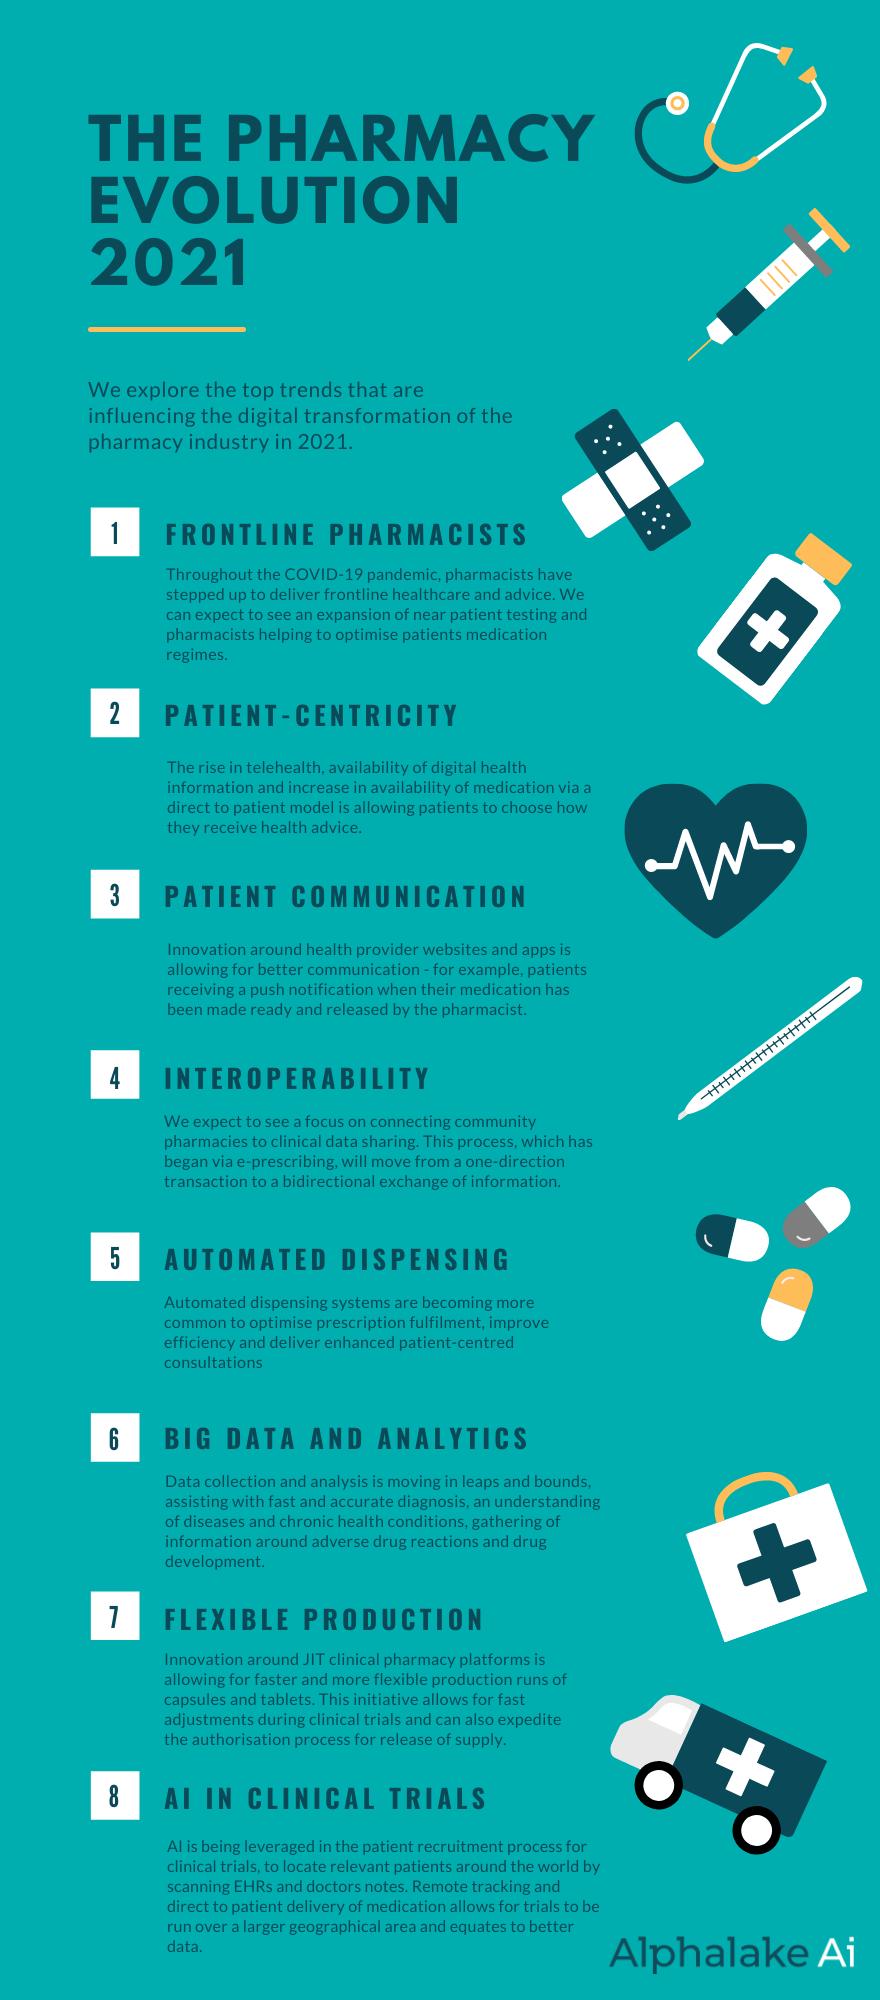 The Pharmacy Evolution 2021